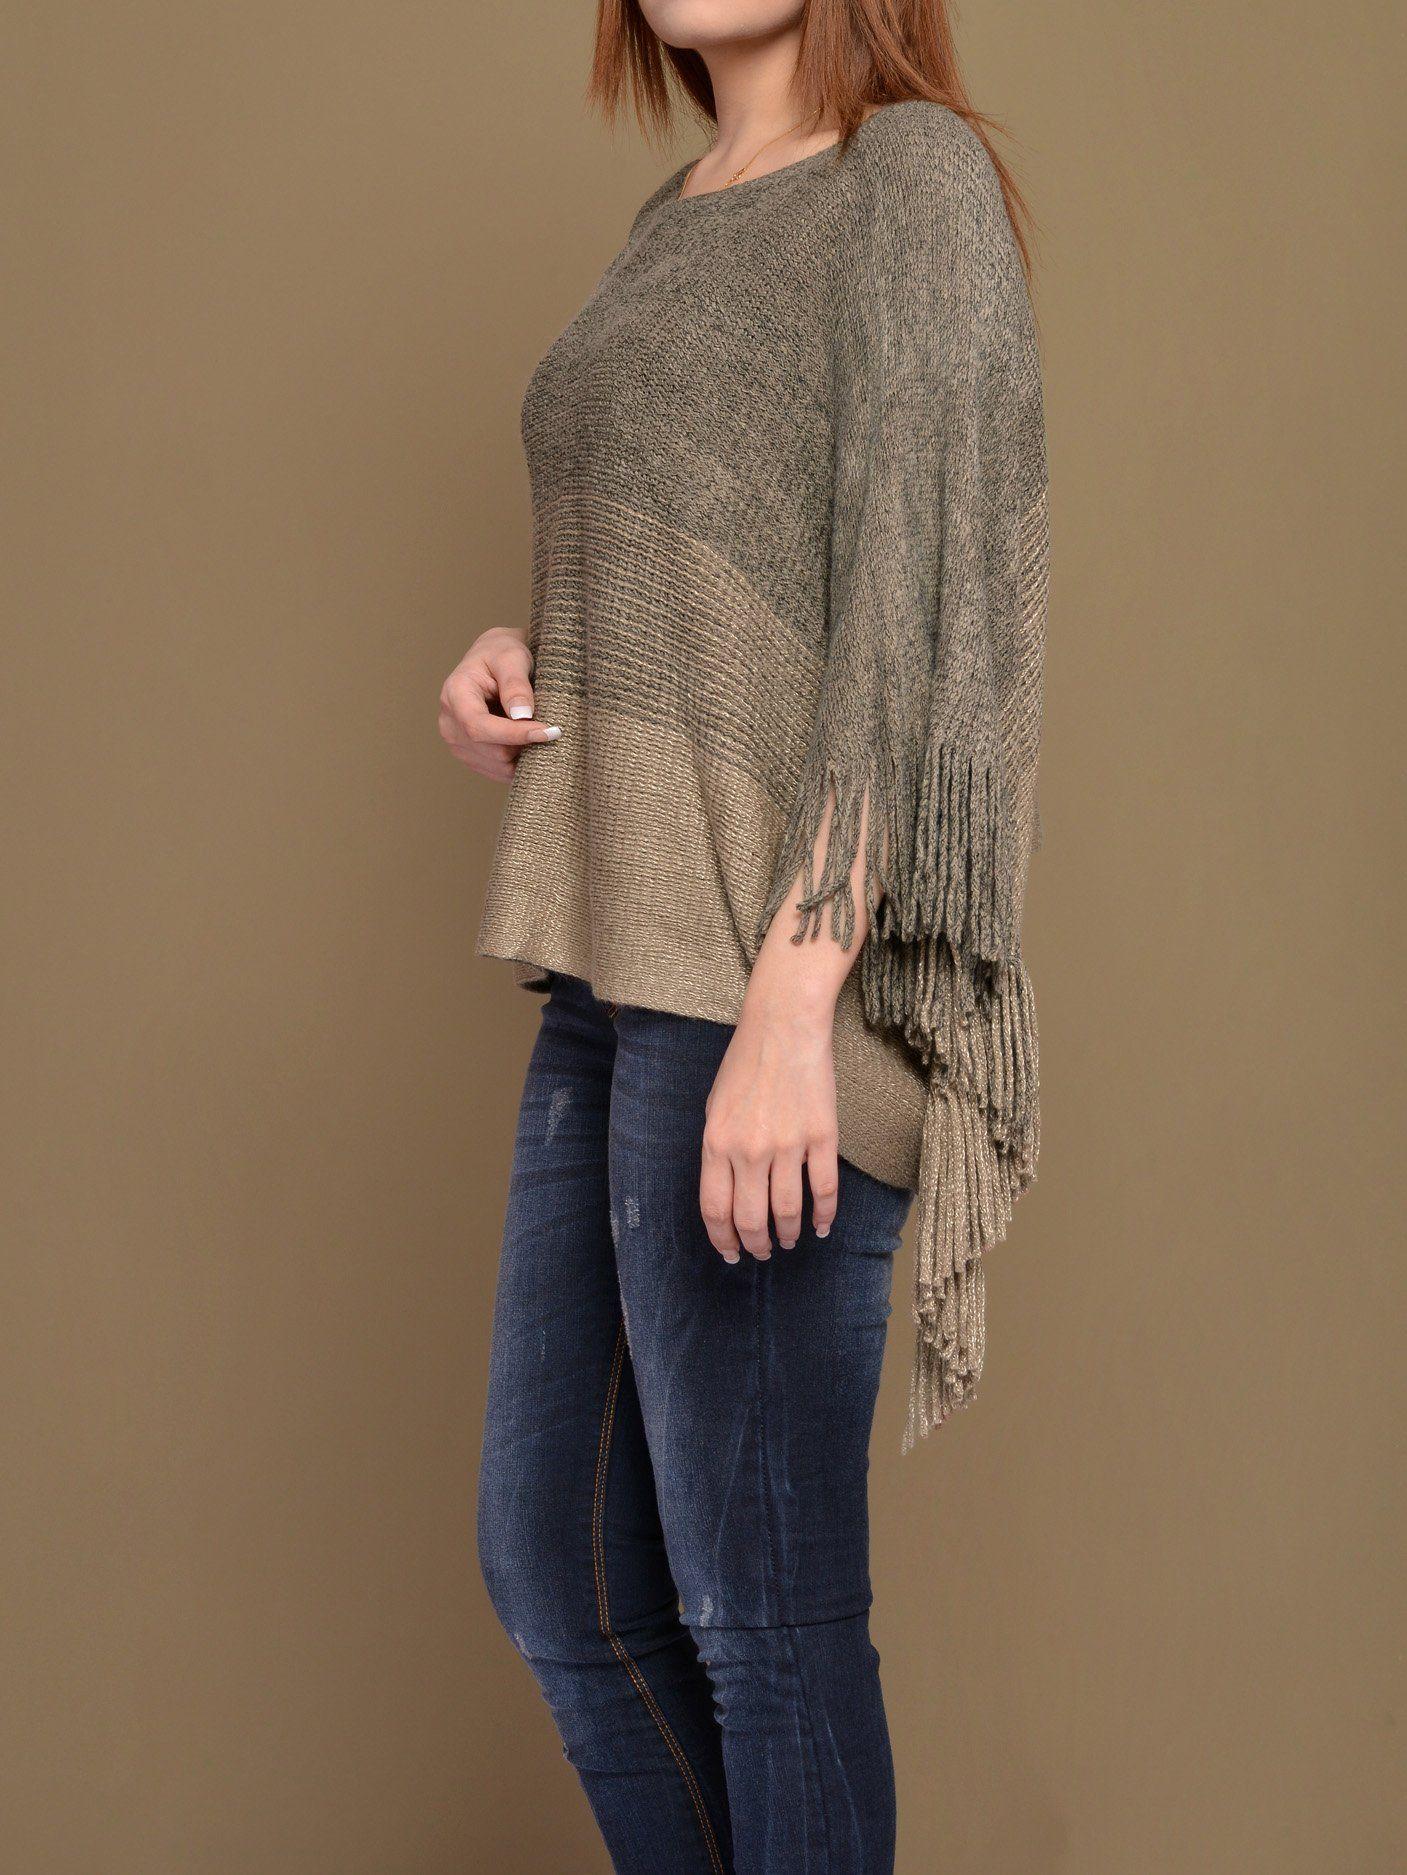 Women s Woolen Winter Poncho Price in Pakistan  2a616977a